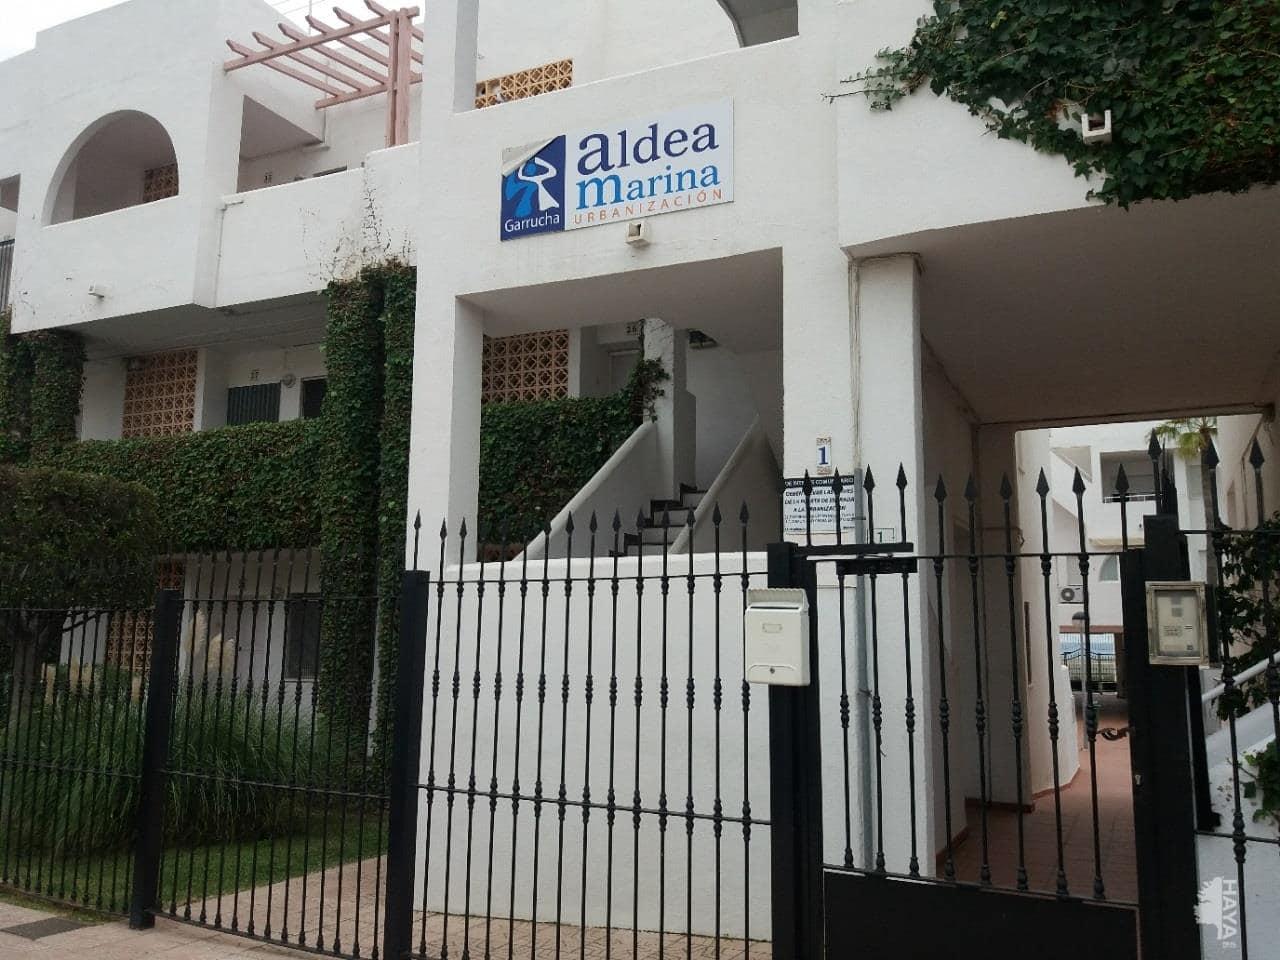 Piso en venta en Garrucha, Almería, Paseo Malecon, 66.757 €, 1 habitación, 1 baño, 60 m2